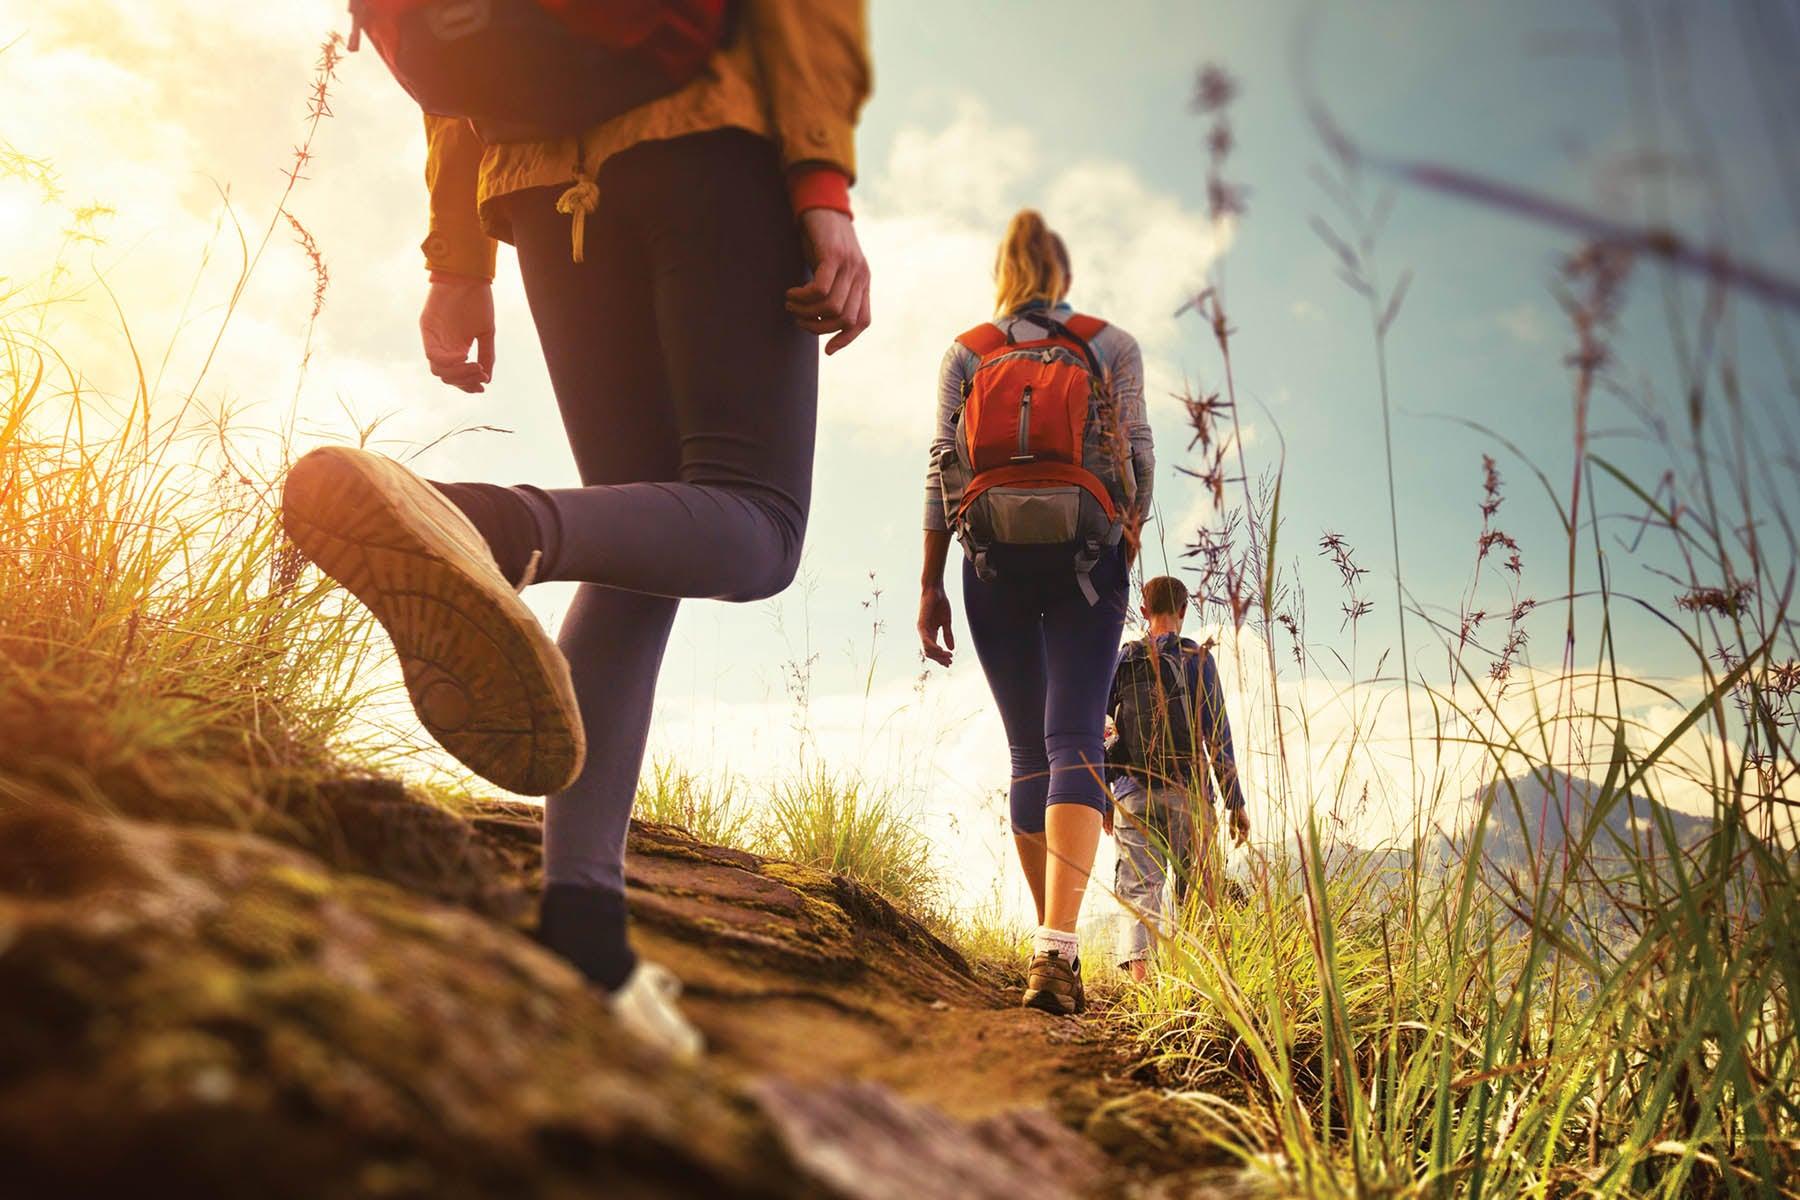 MB_Hiking_Offer_Image.jpg